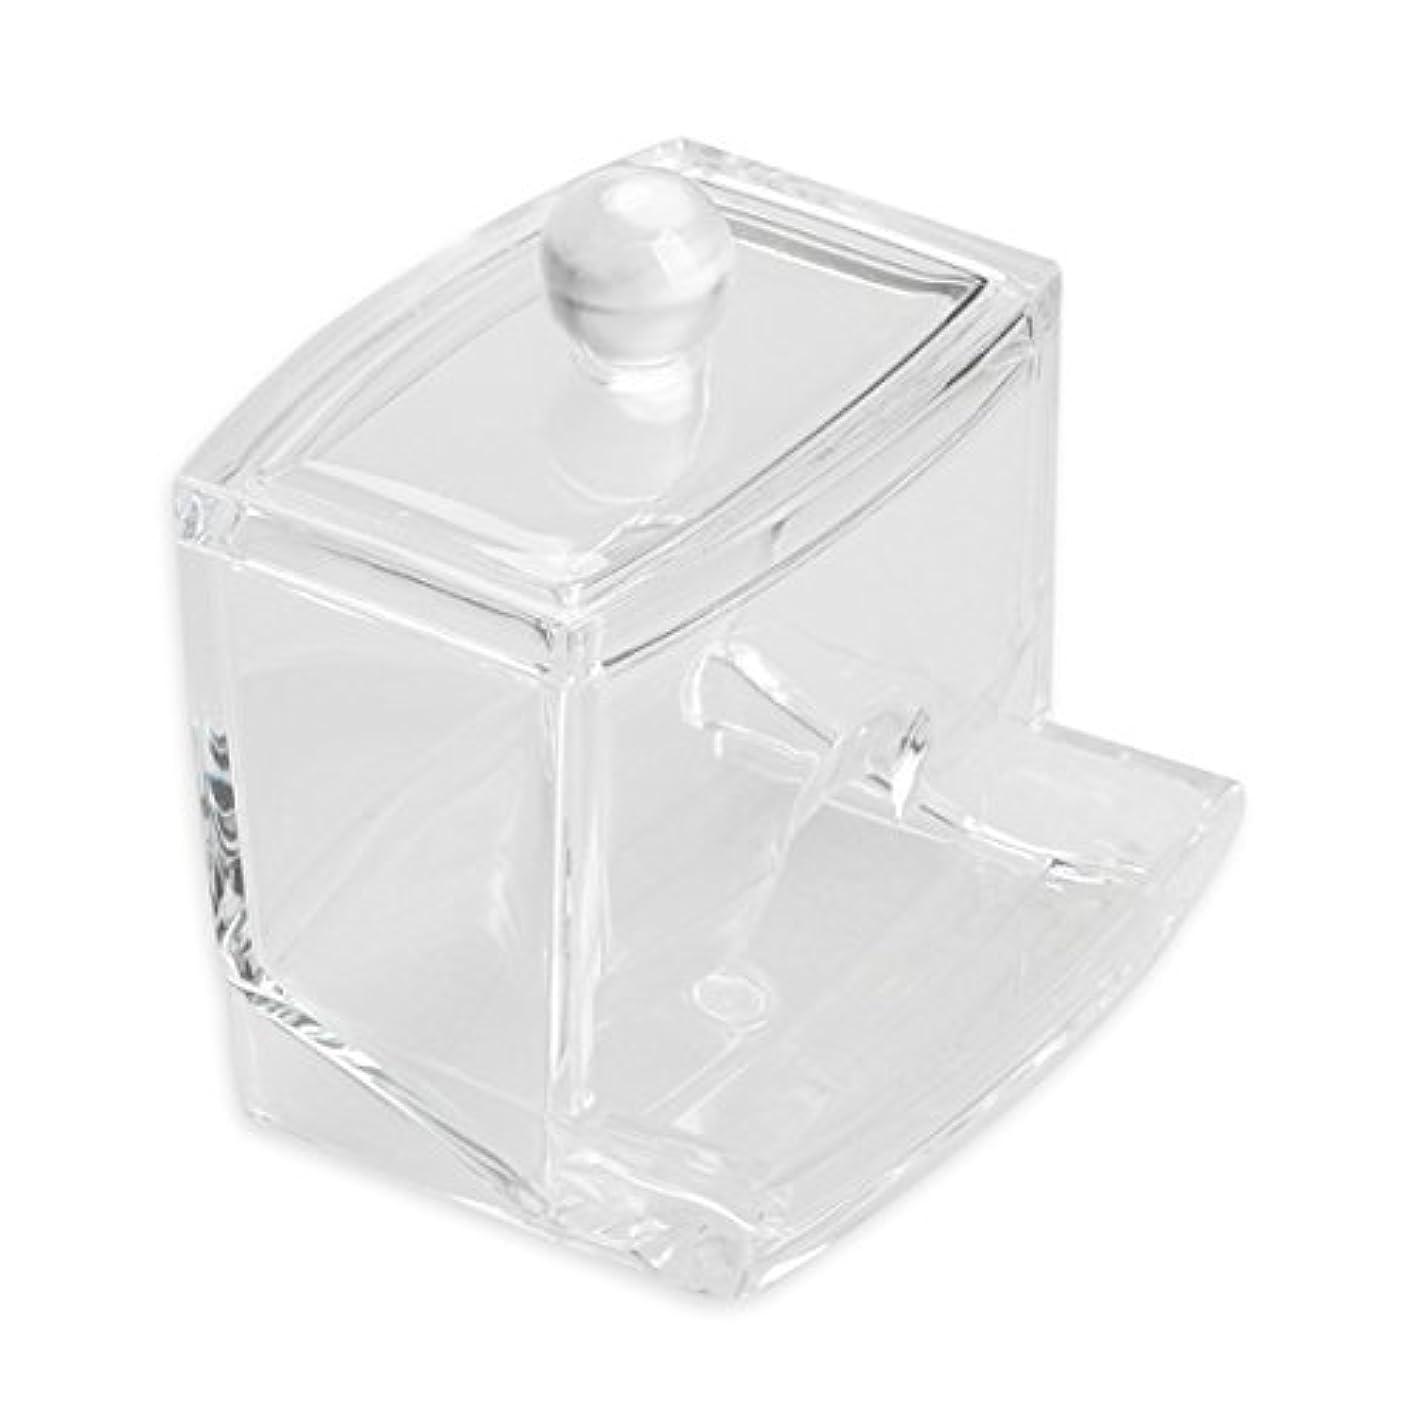 アレルギー性火ロッドxlp コットン収納ボックス 透明 コットンスティック メイクボックス 綿棒収納ボックス 多機能 小物入れ クリア アクリル